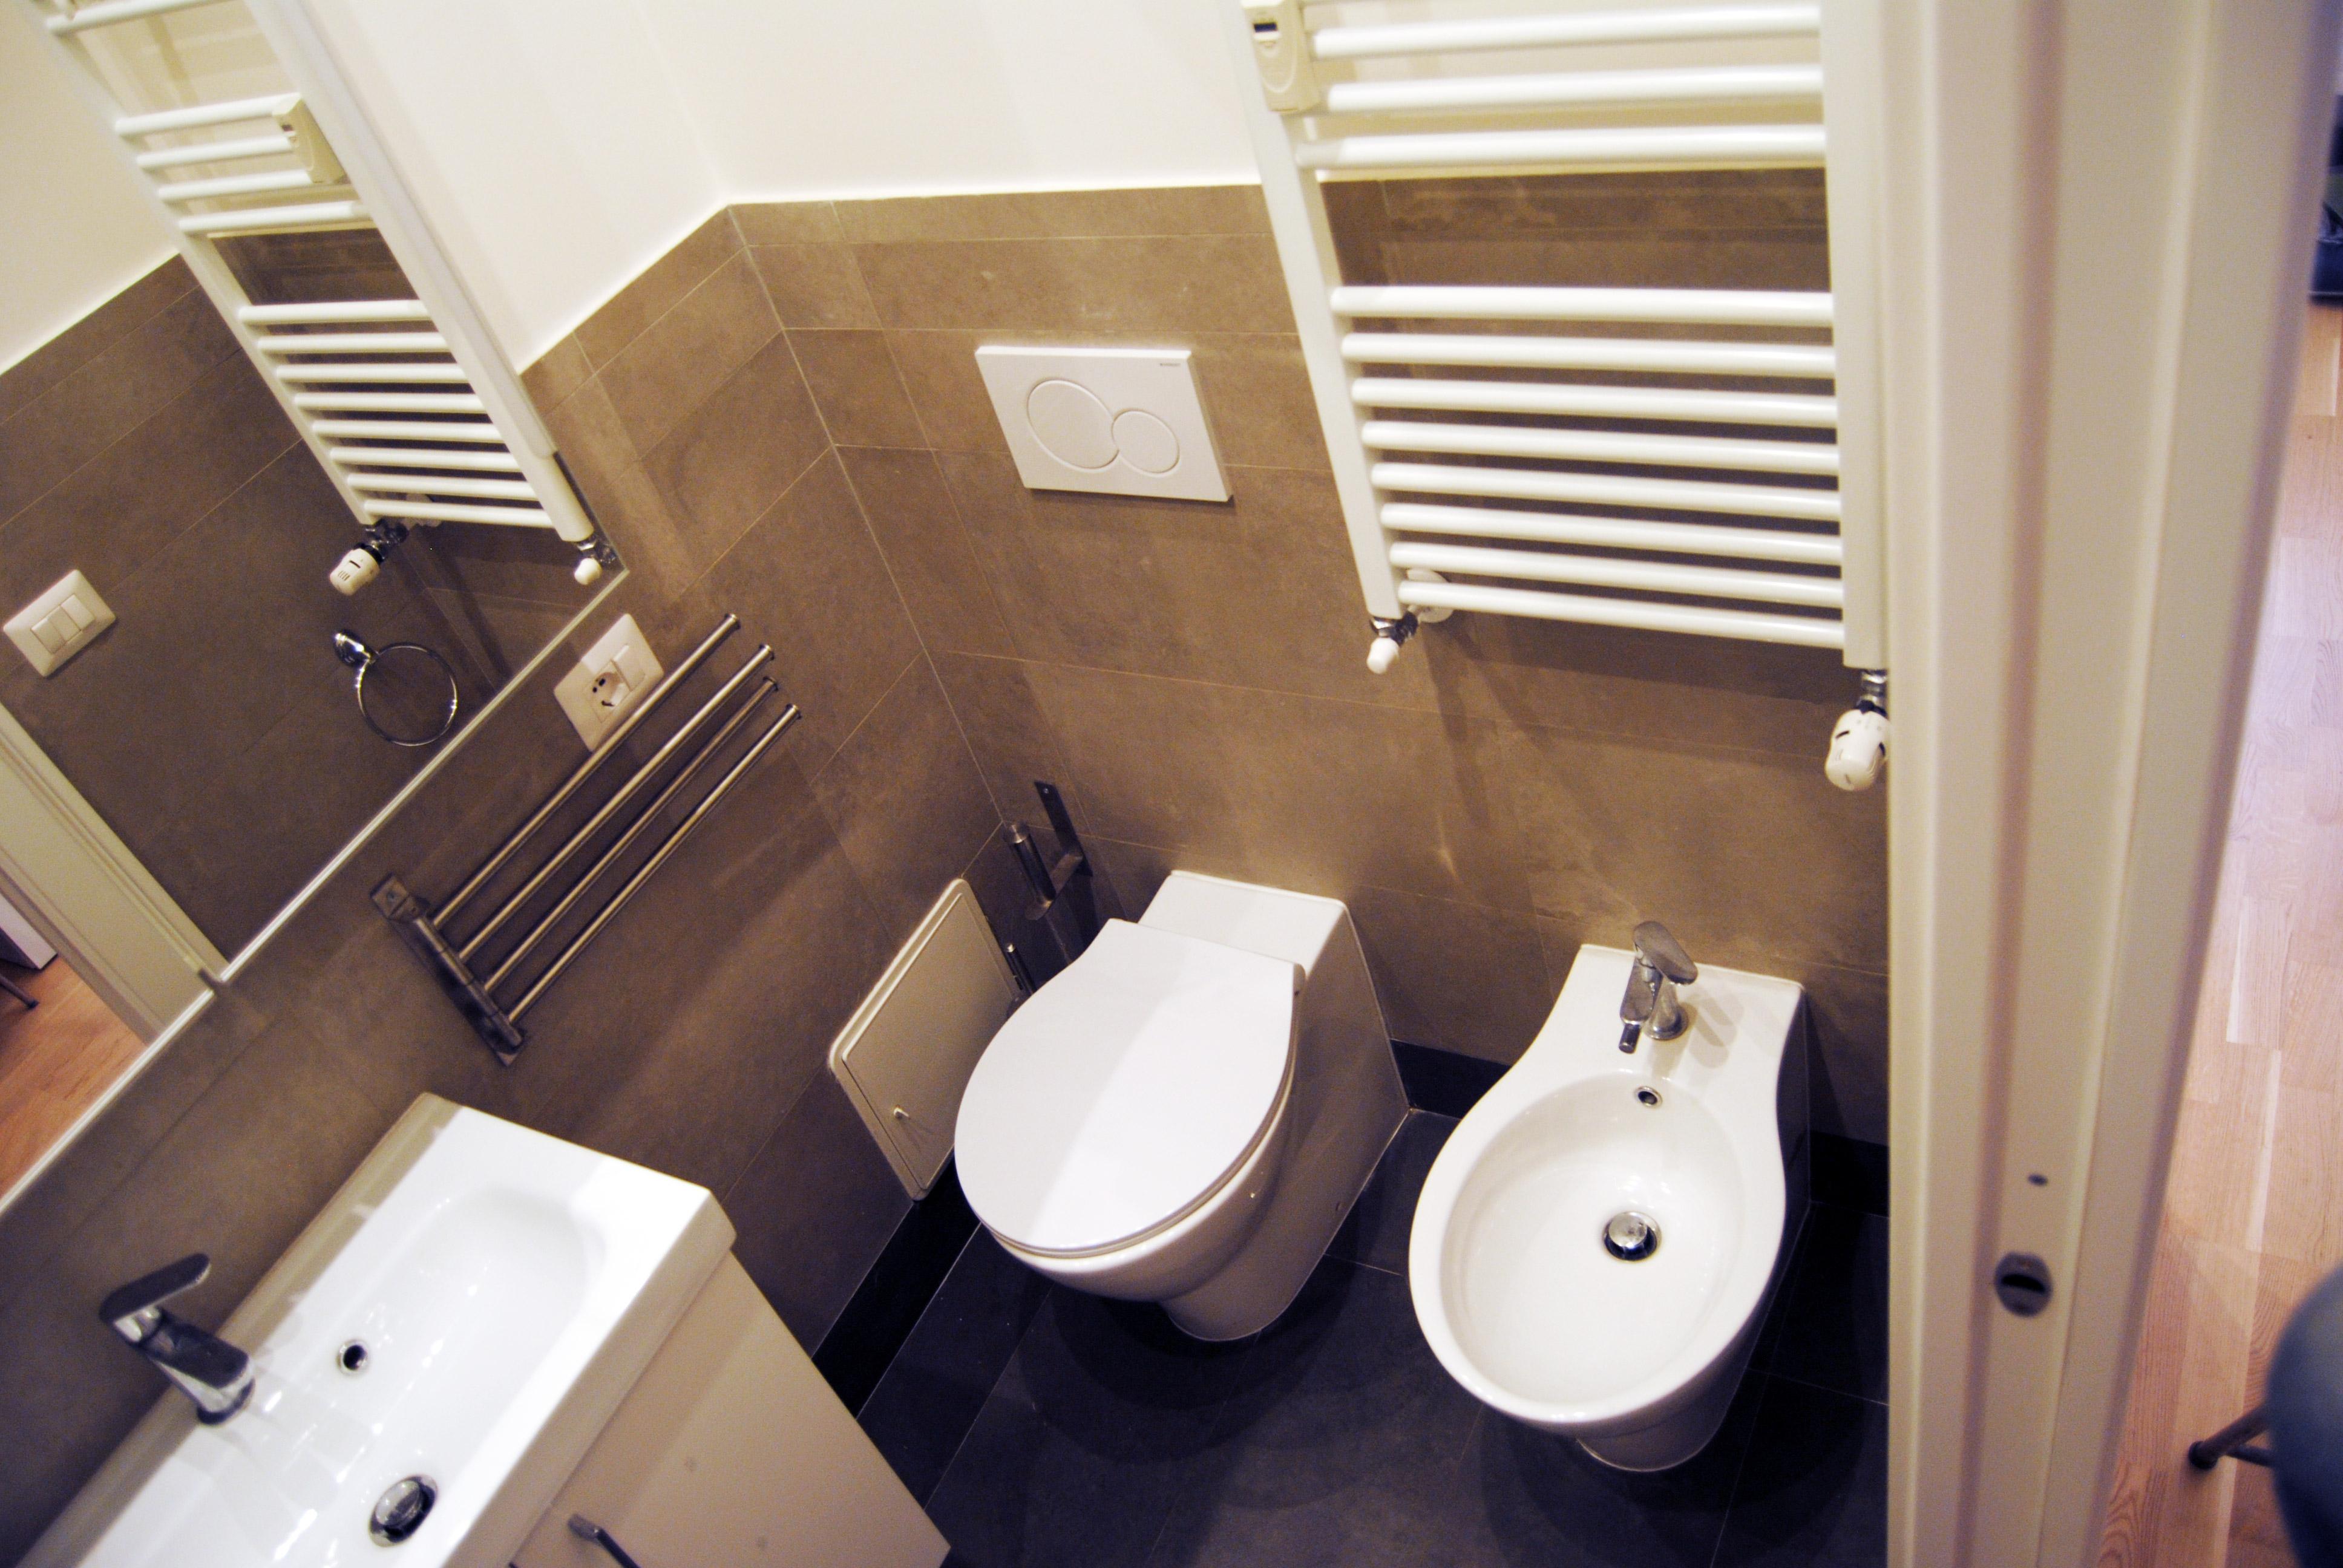 Ristrutturazione appartamento in zona clodio roma - Rifacimento bagno cil o cila ...